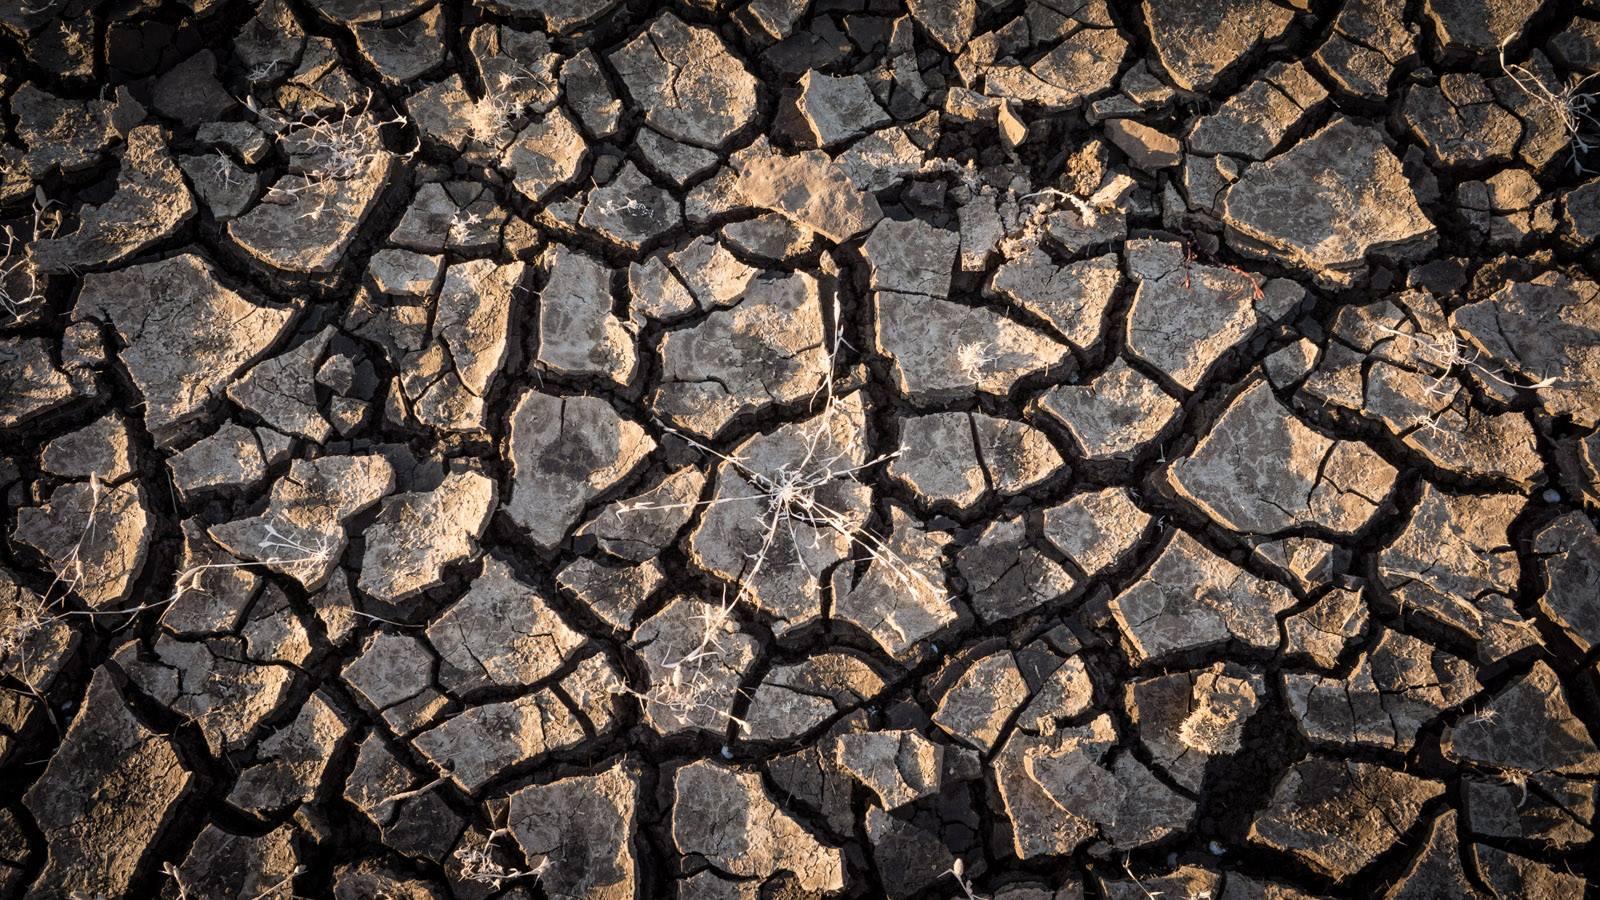 Cracked, dry soil in San Luis Reservoir, January 2014. Photo courtesy of Jason Liske.